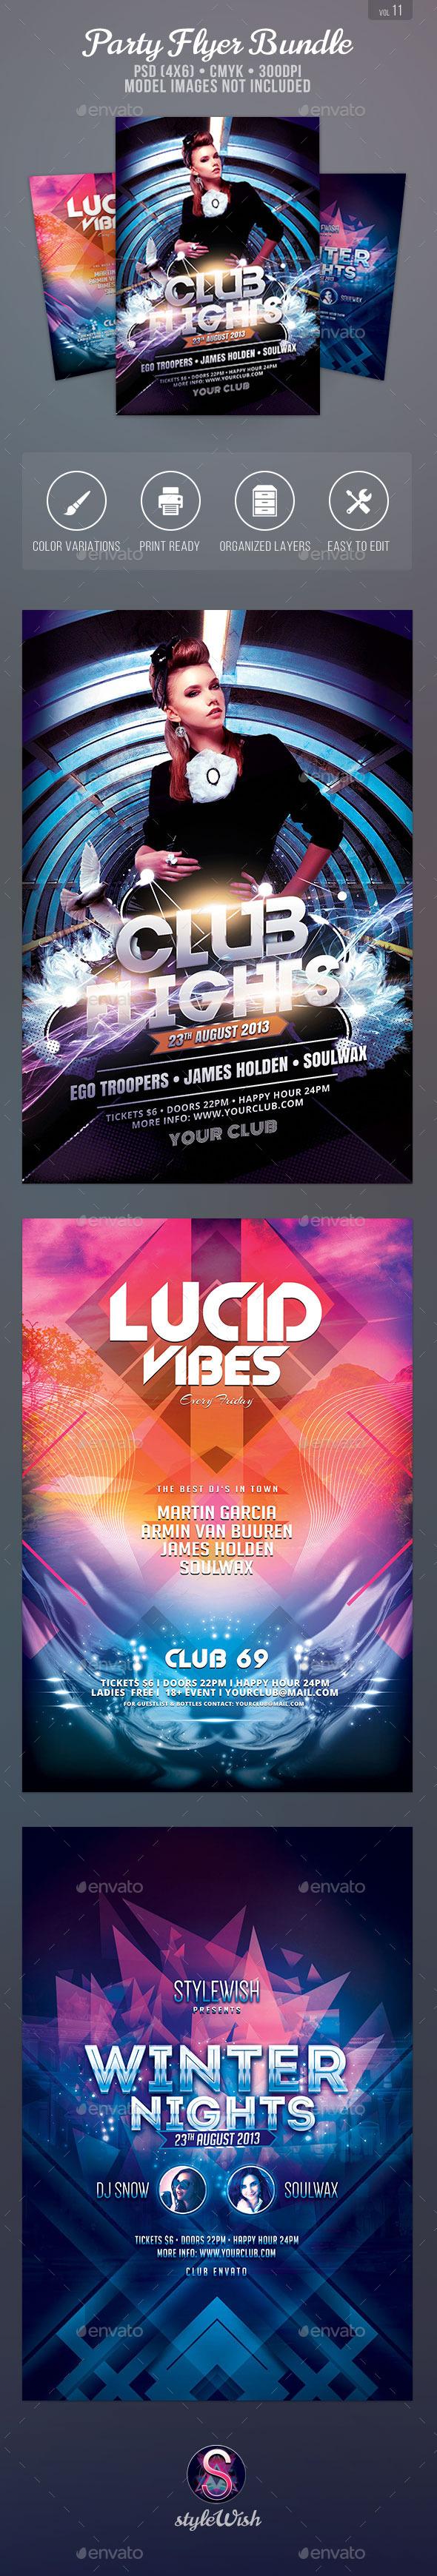 Party Flyer Bundle Vol11 - Clubs & Parties Events